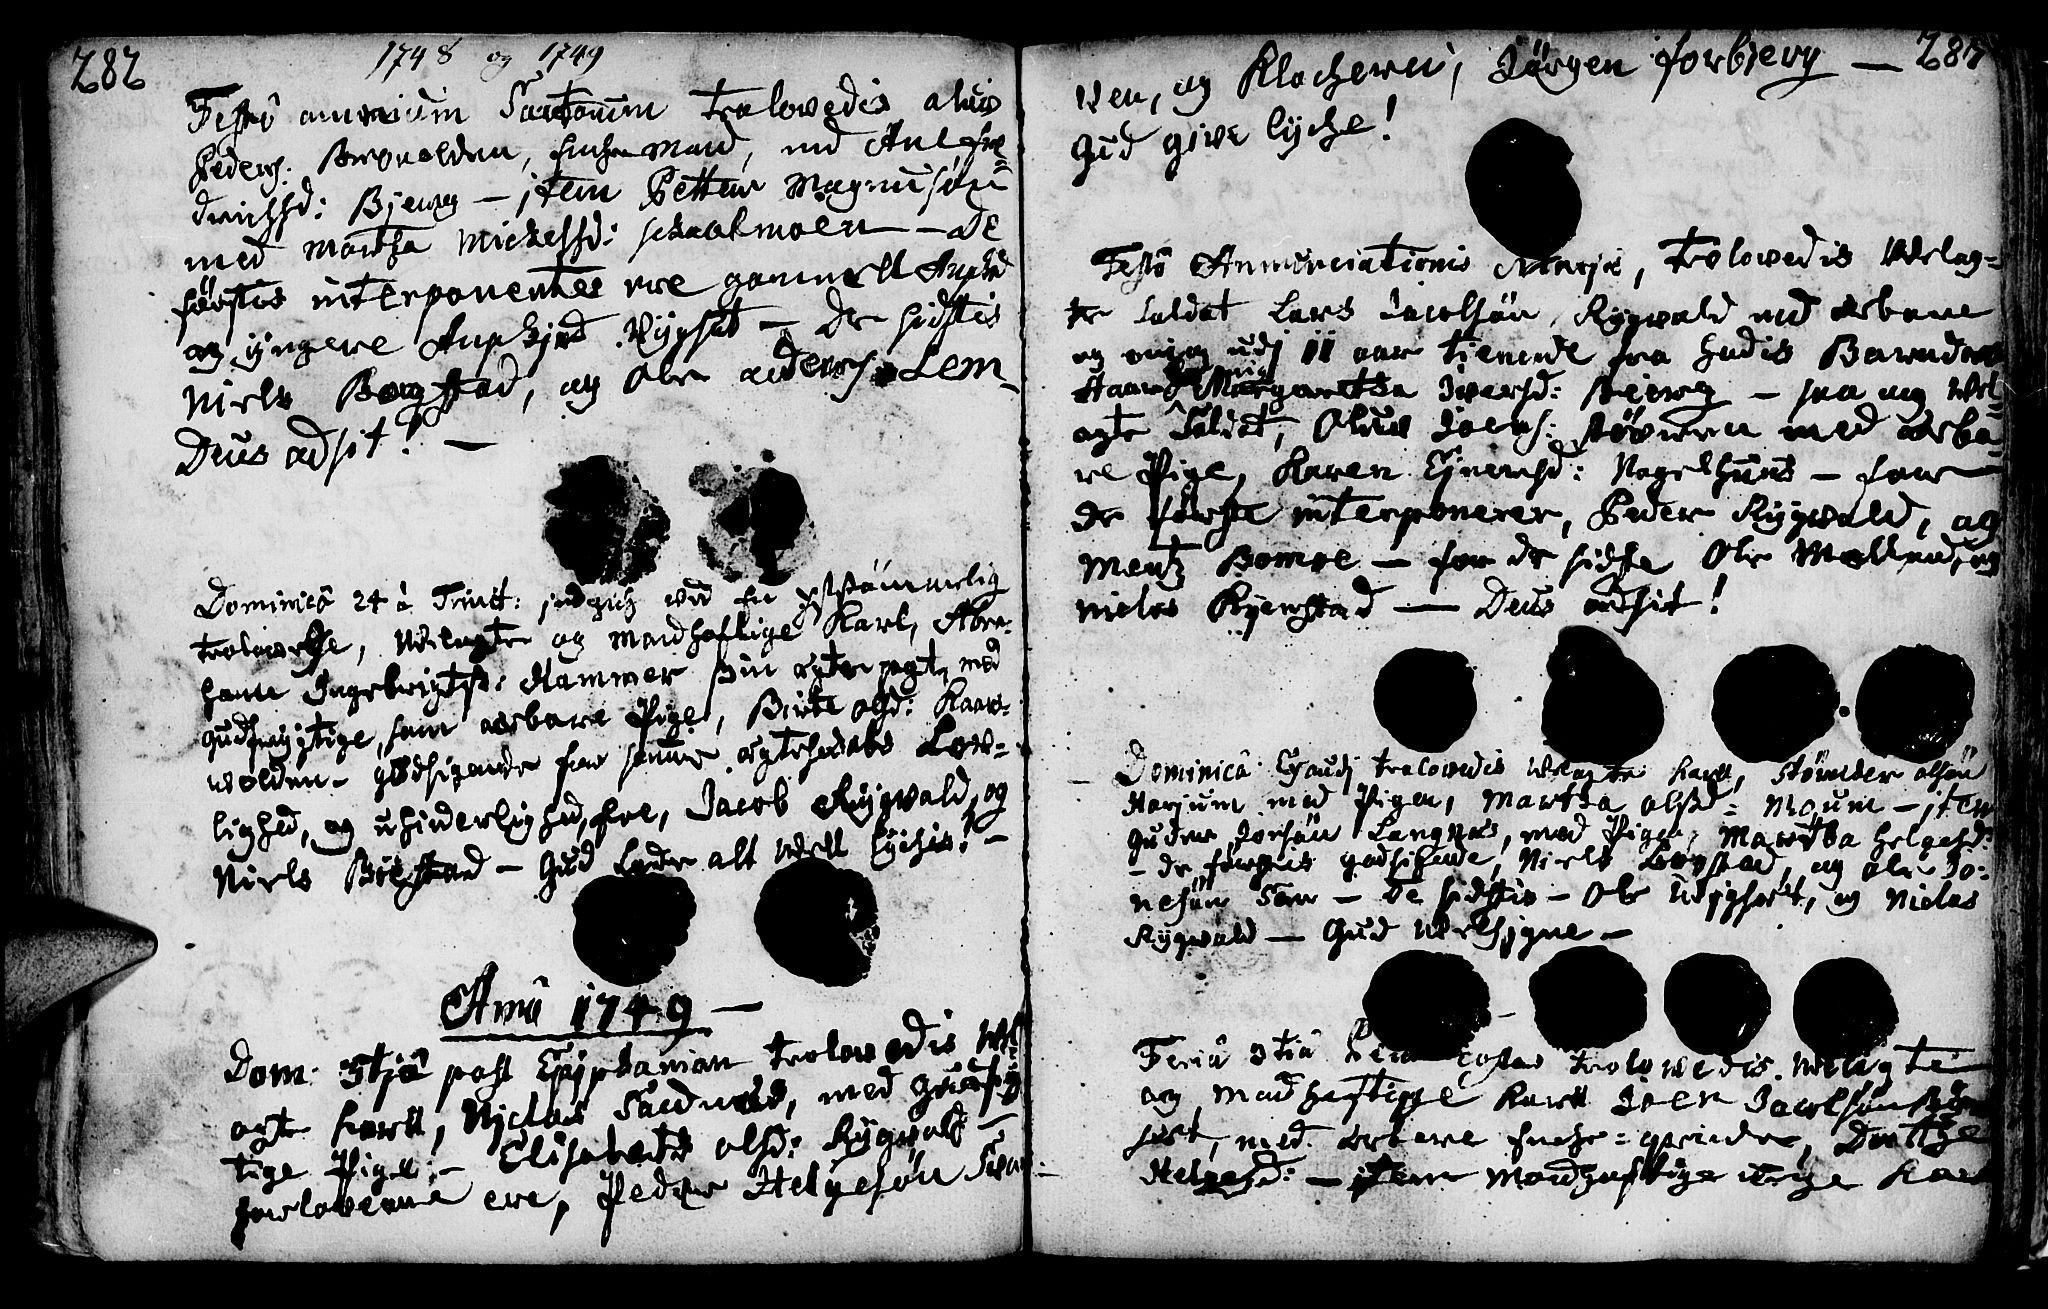 SAT, Ministerialprotokoller, klokkerbøker og fødselsregistre - Nord-Trøndelag, 749/L0467: Ministerialbok nr. 749A01, 1733-1787, s. 282-283